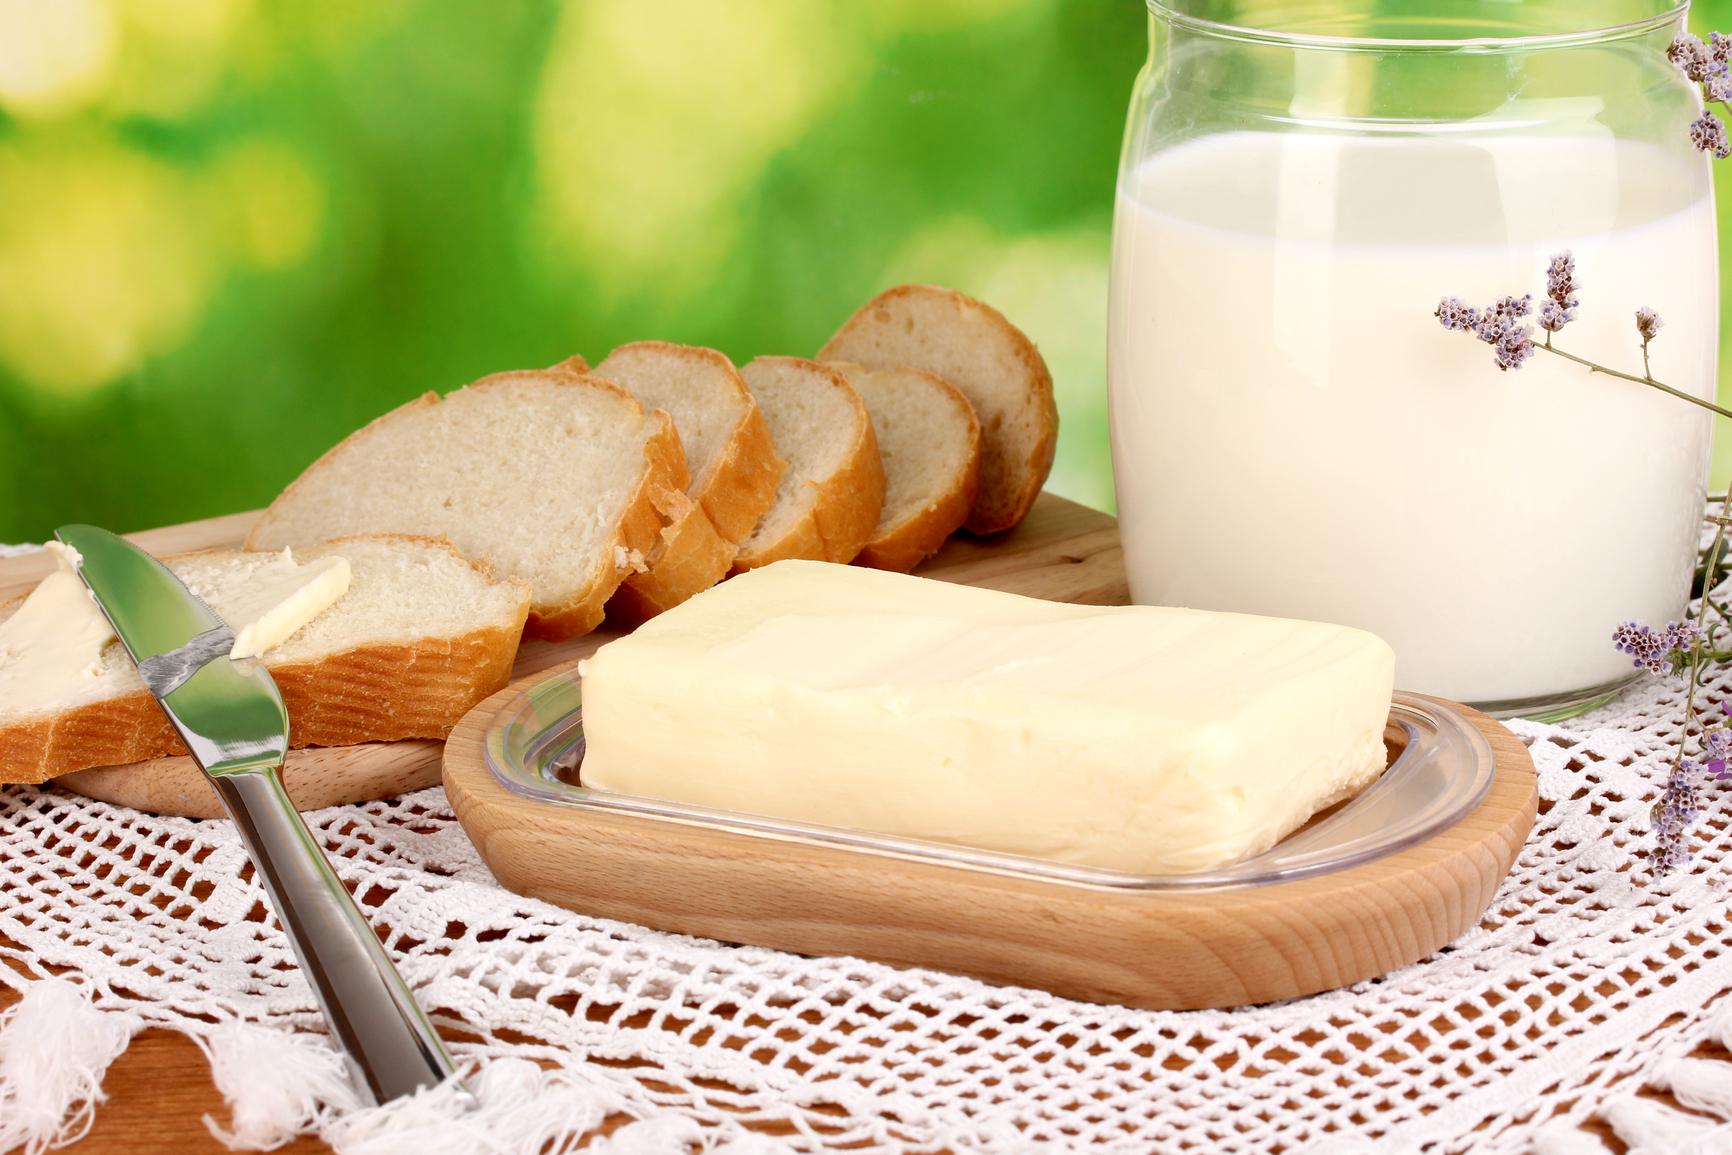 Масло, молоко, хлеб и нож